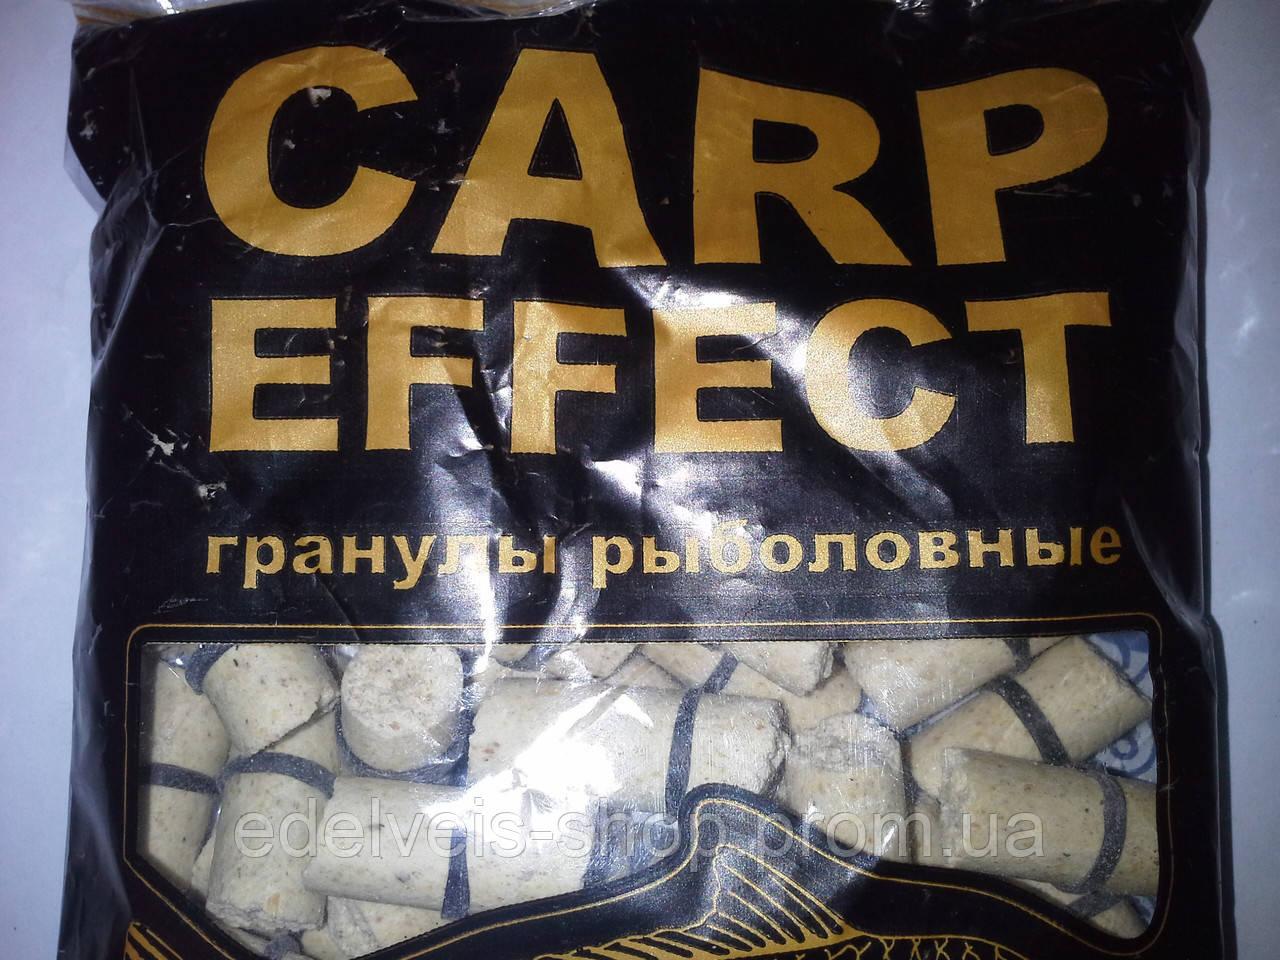 Гранулы рыболовные CARP EFFECT(карп эффект) *тутти - фрутти*